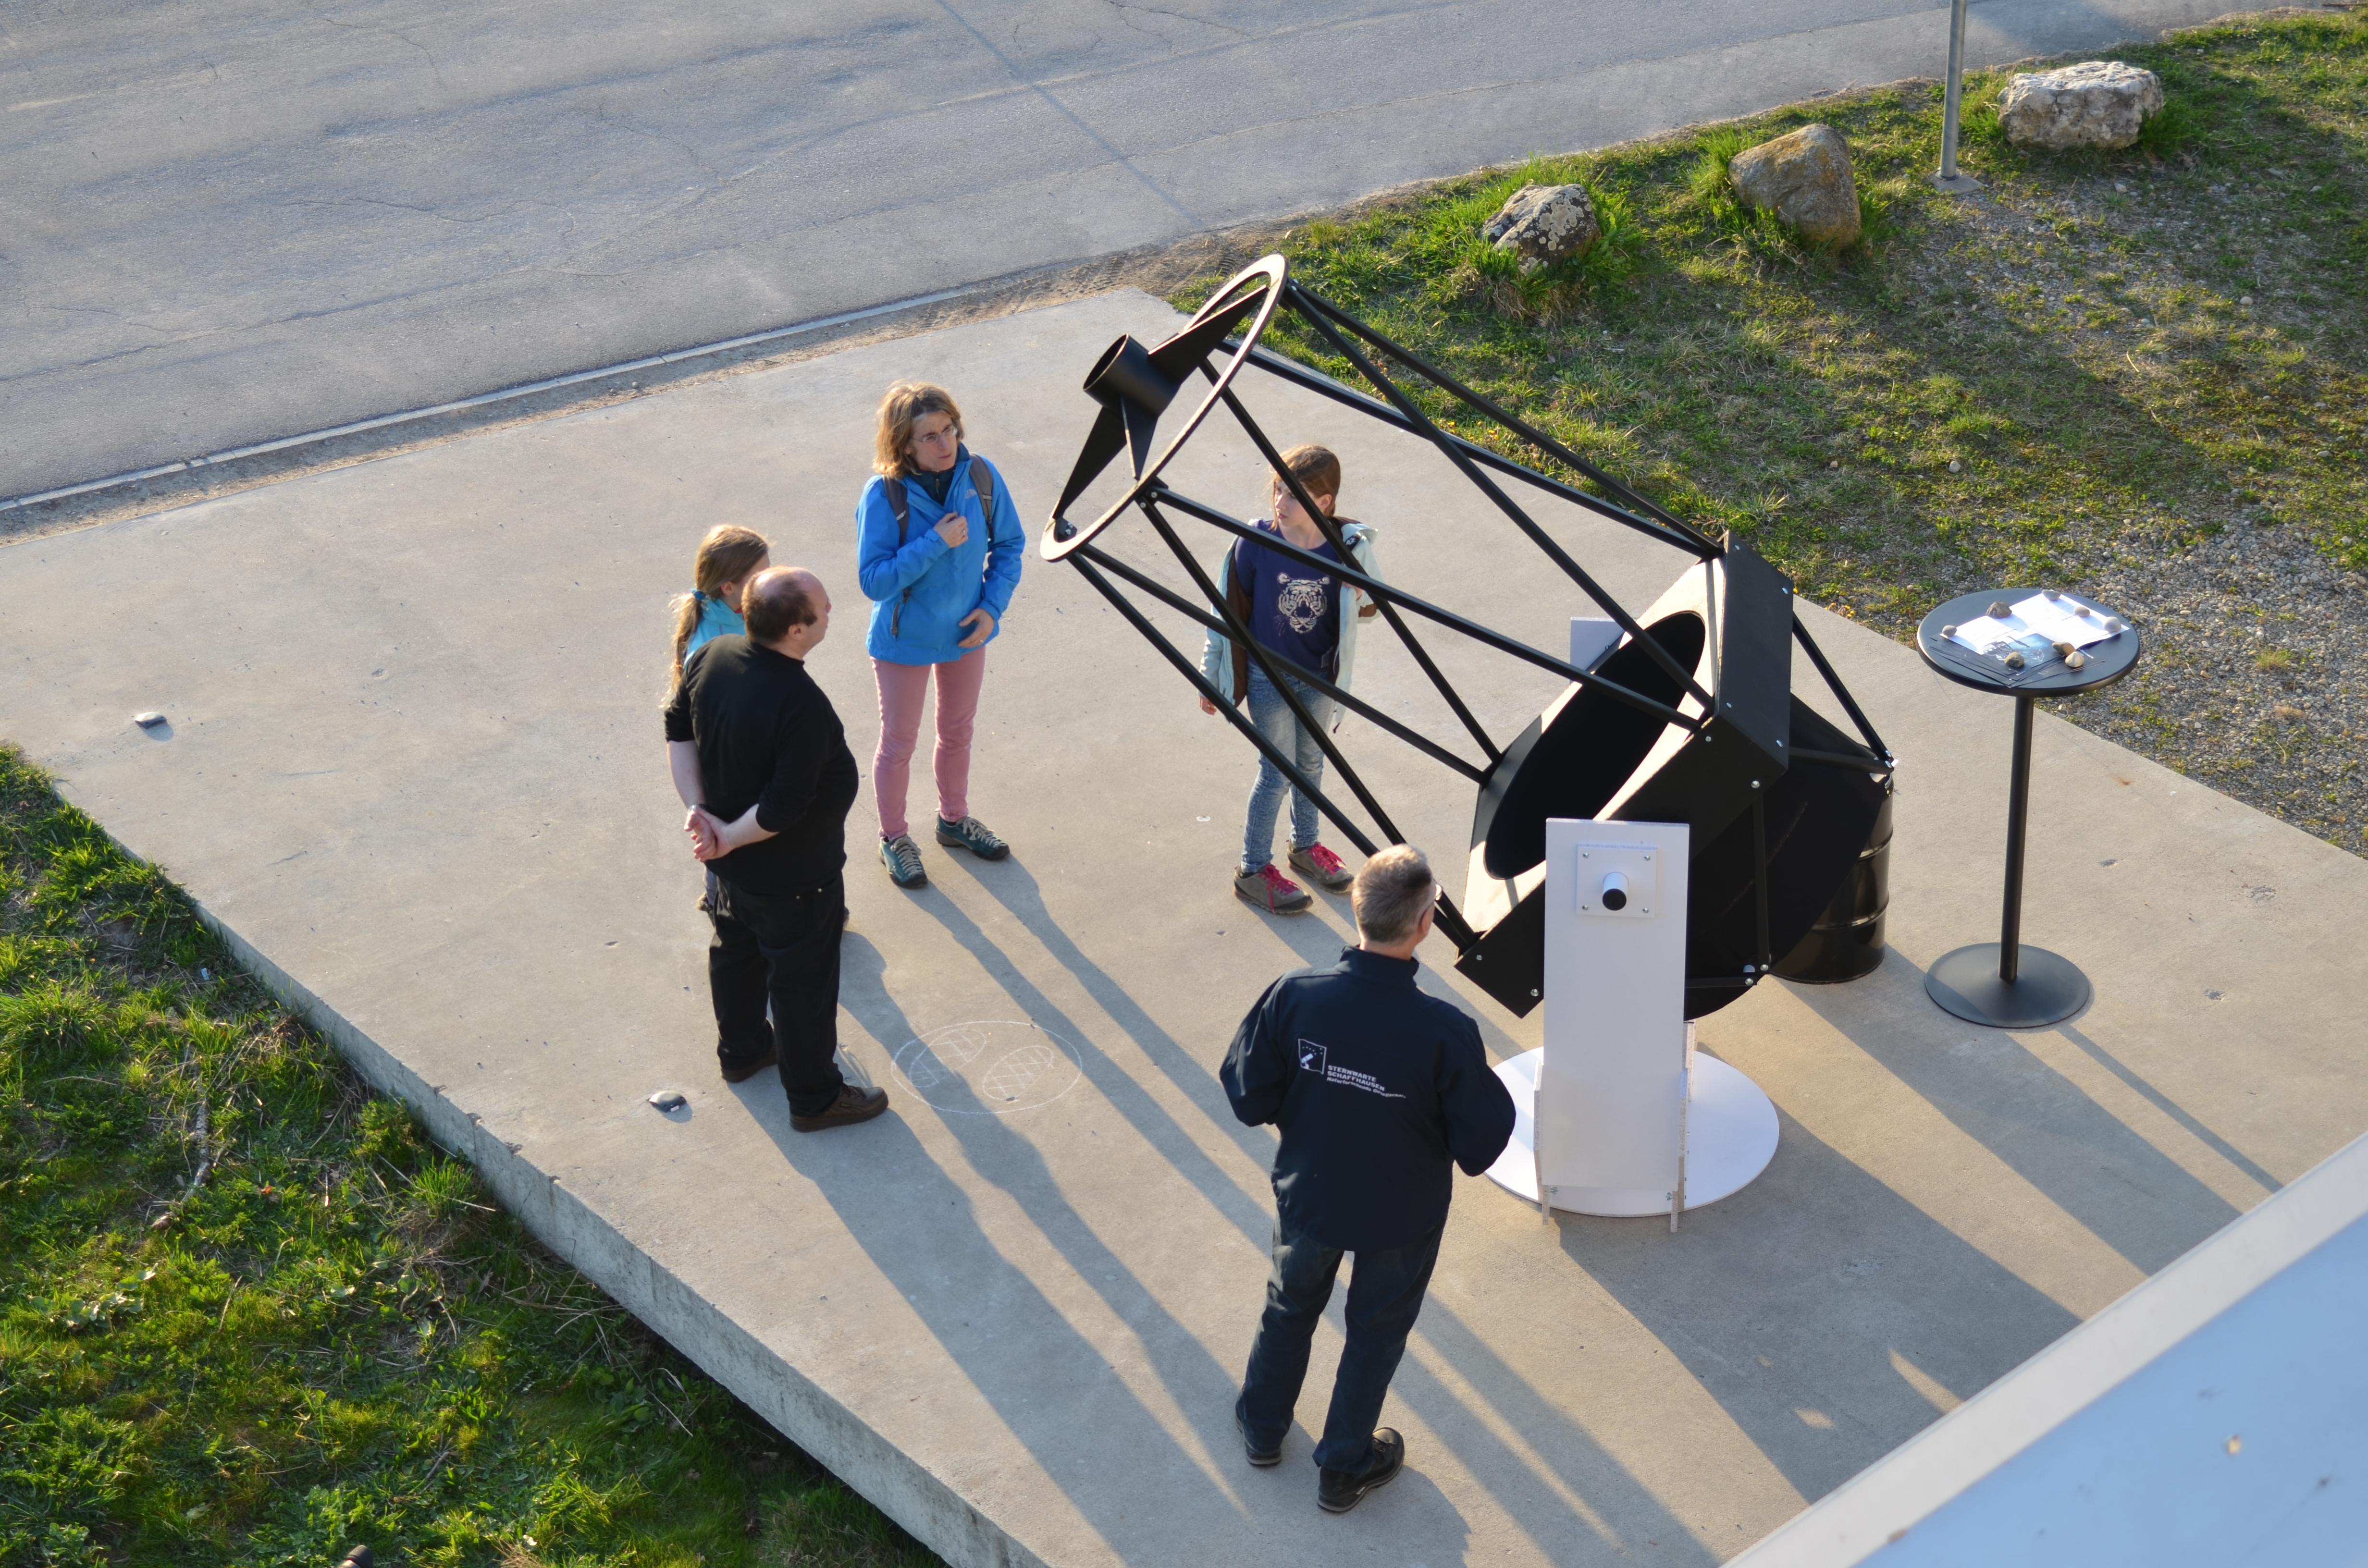 Das Teleskopmodell von oben